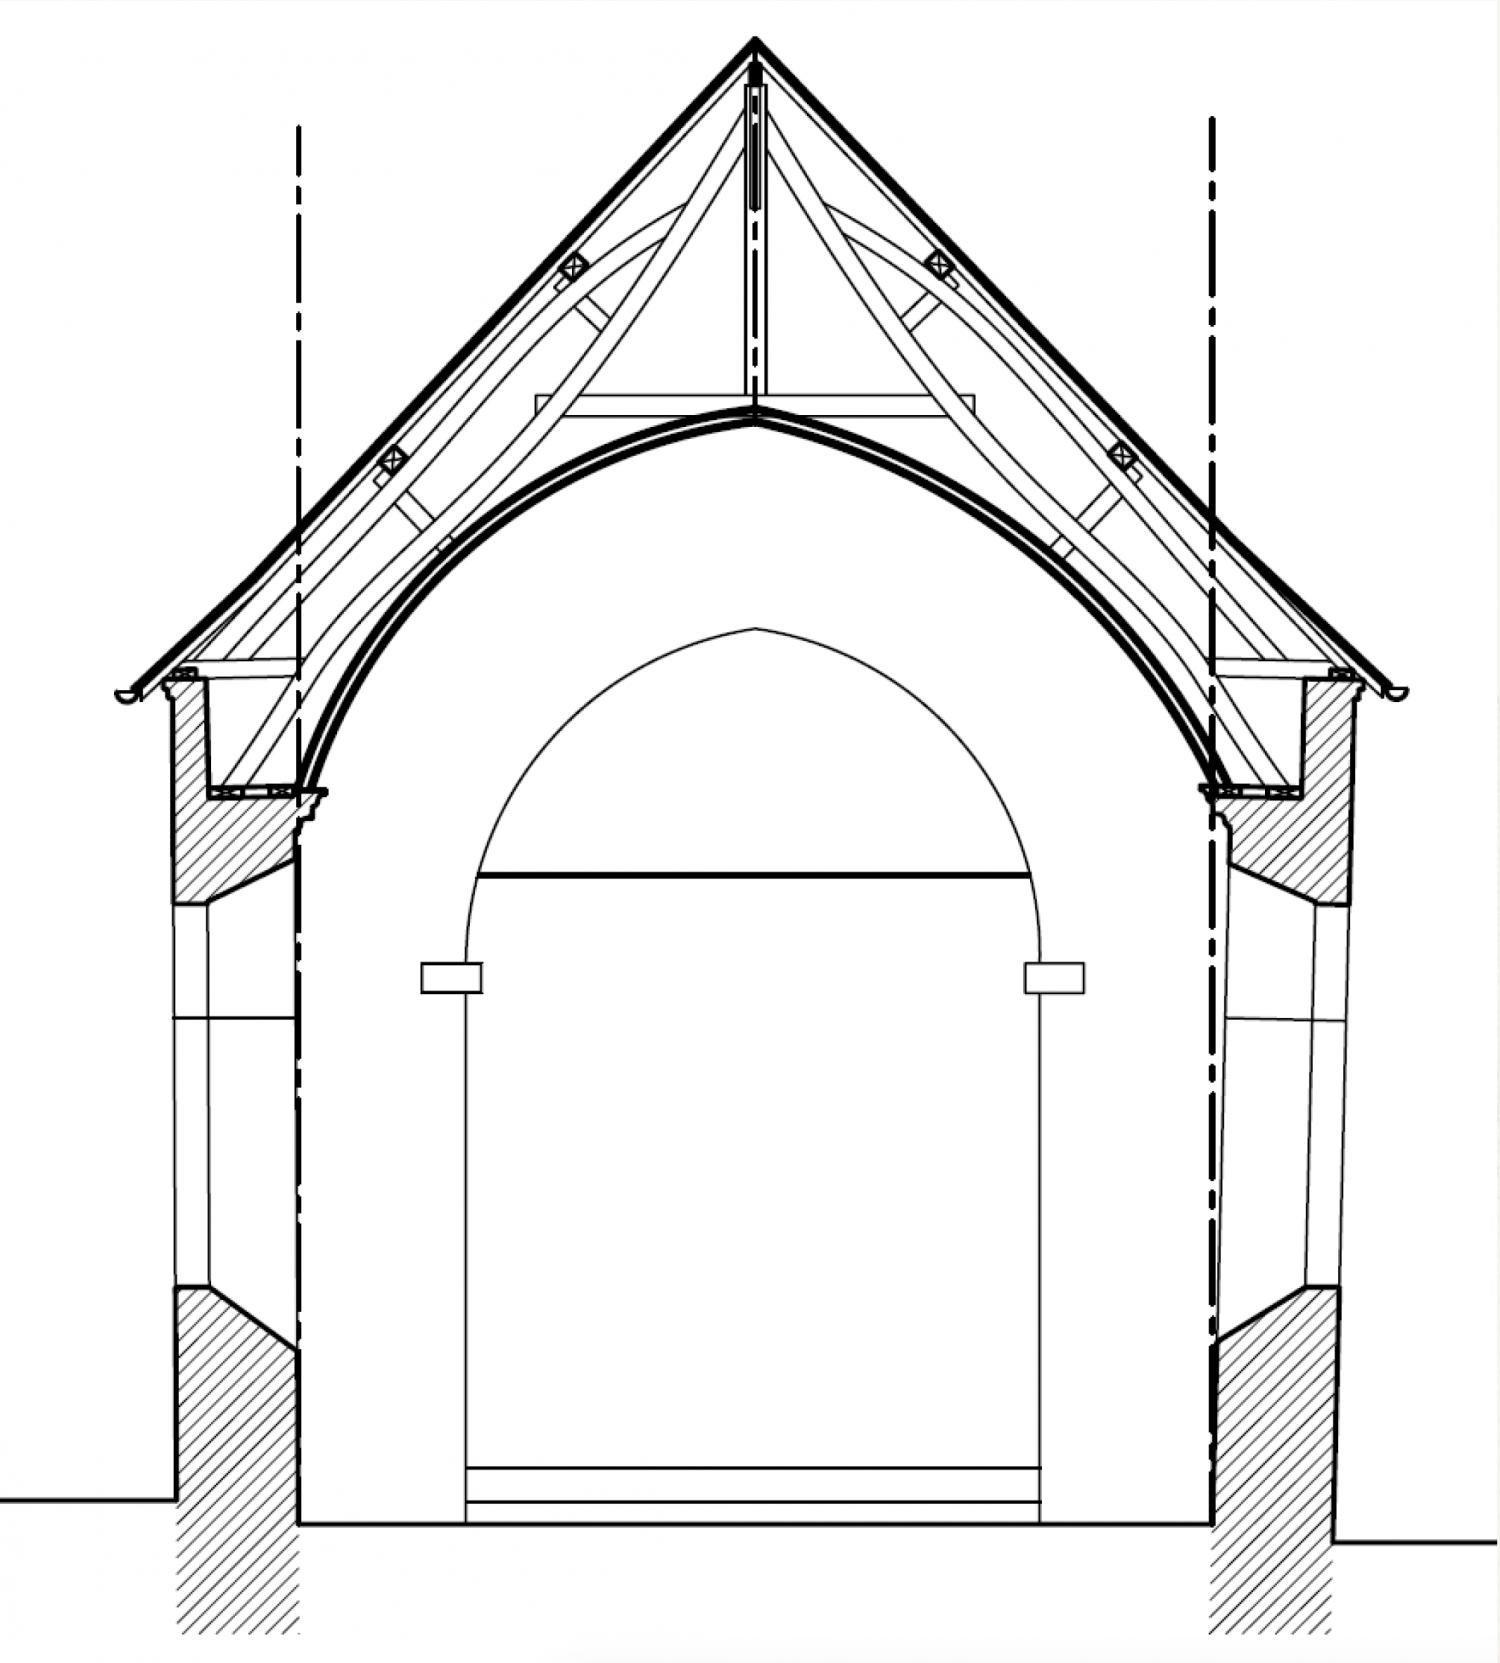 Sachin coupe (62) - église Saint-Jean-Baptiste - La Sauvegarde de l'Art Français